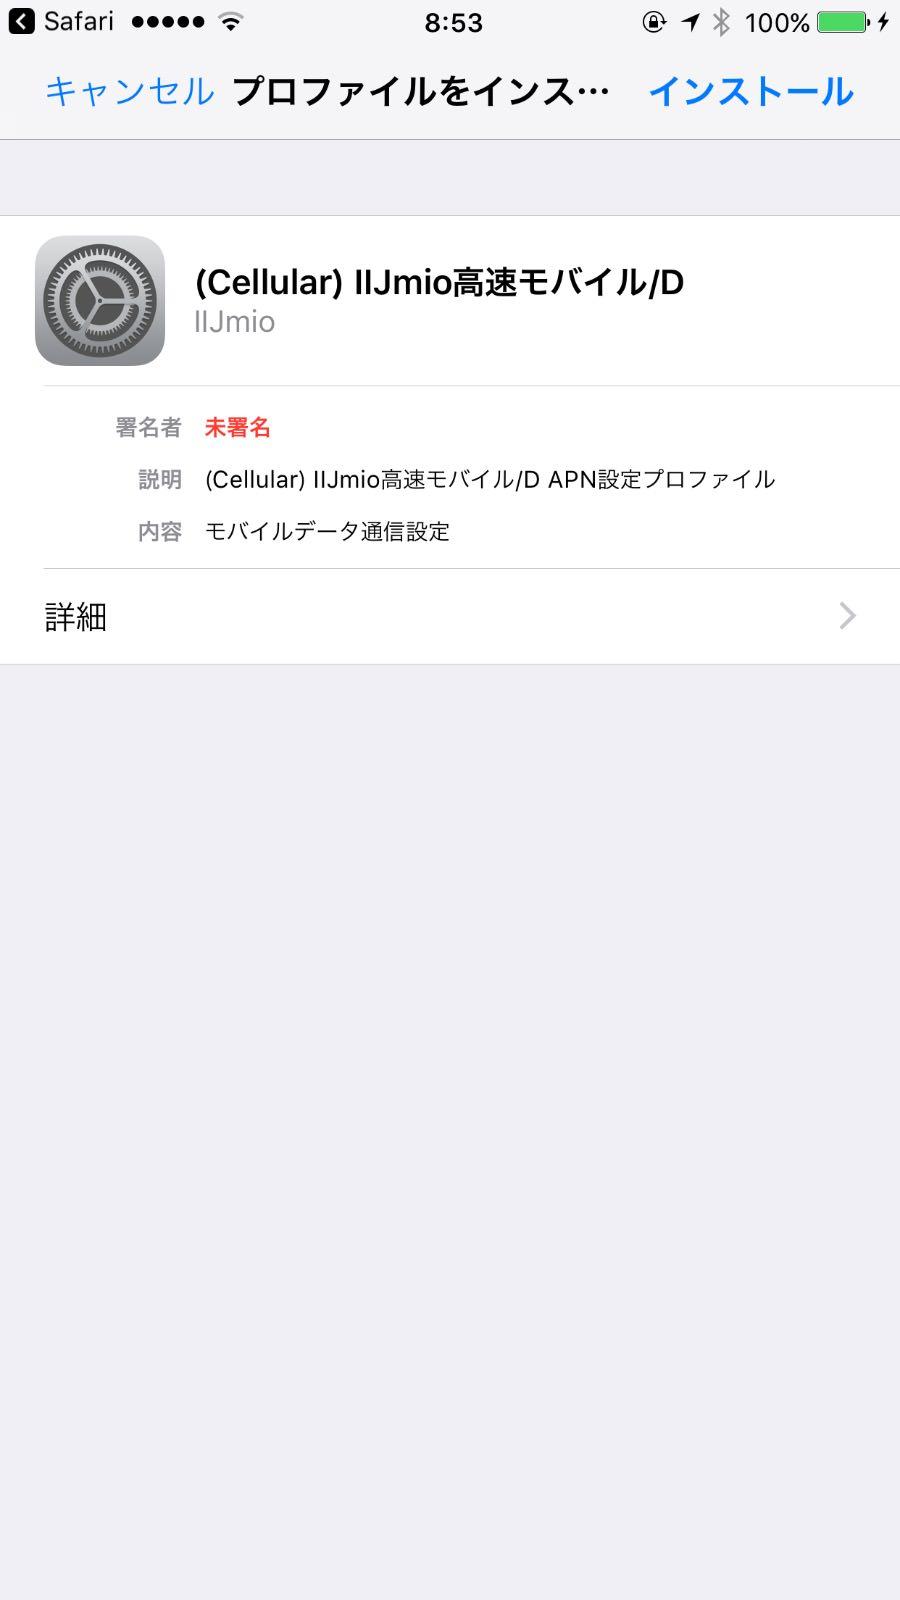 Iphone 7 plus 8723